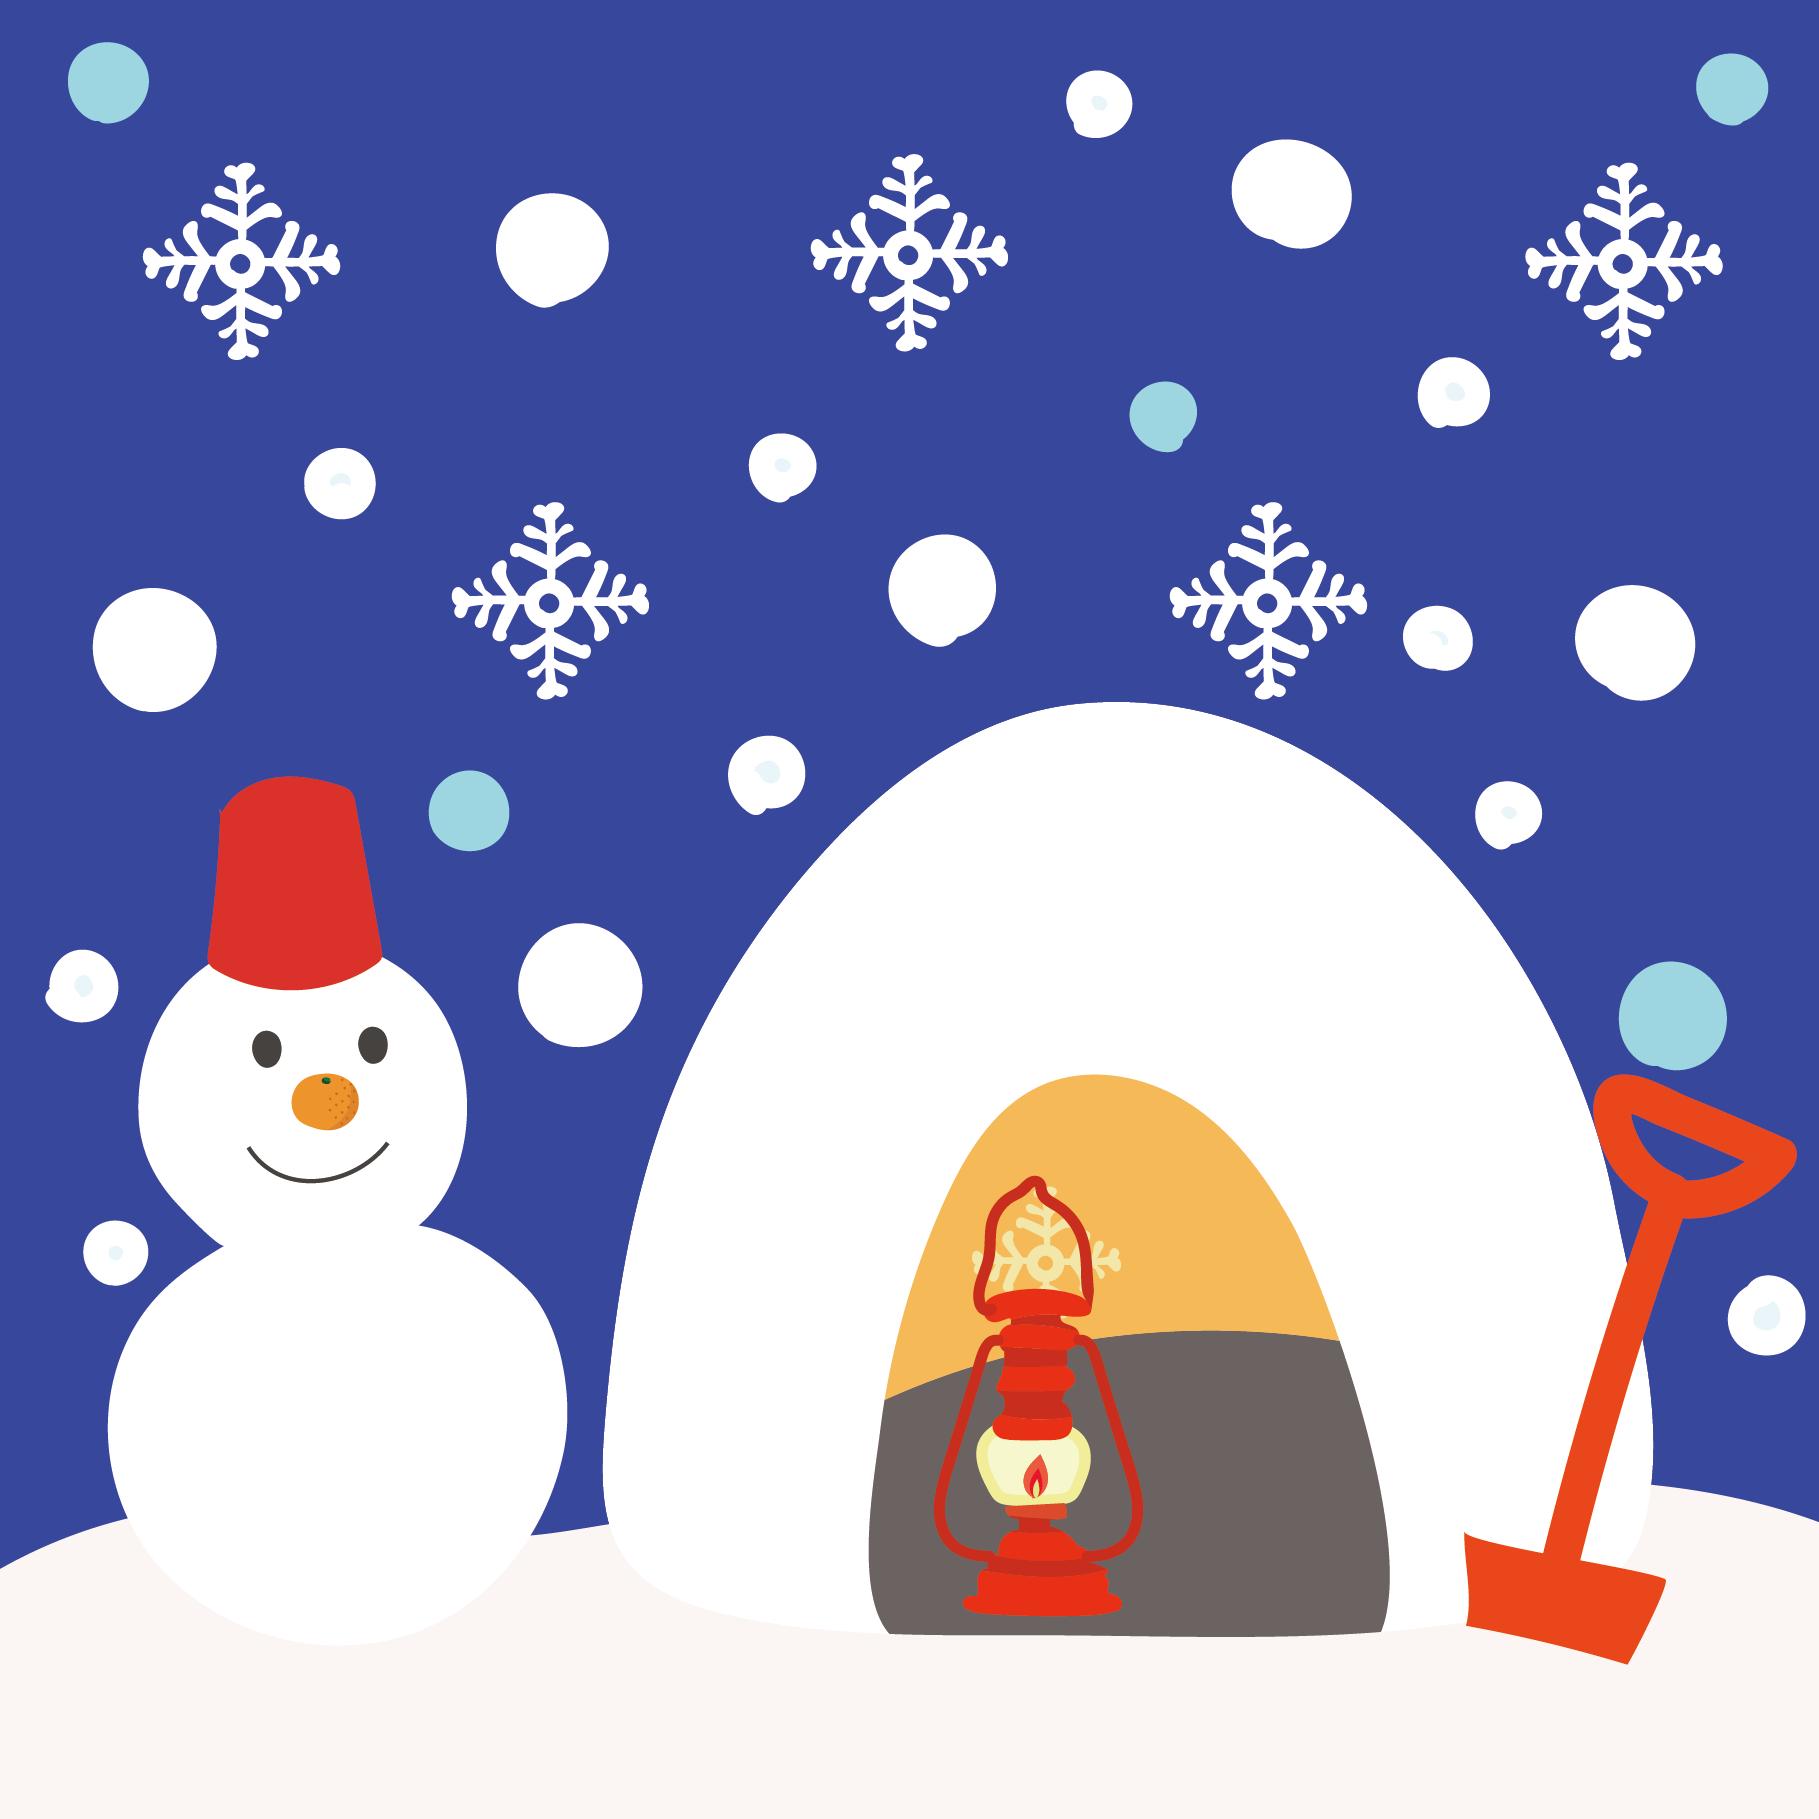 かまくらとかわいい雪だるまの冬イラスト | 商用フリー(無料)のイラスト